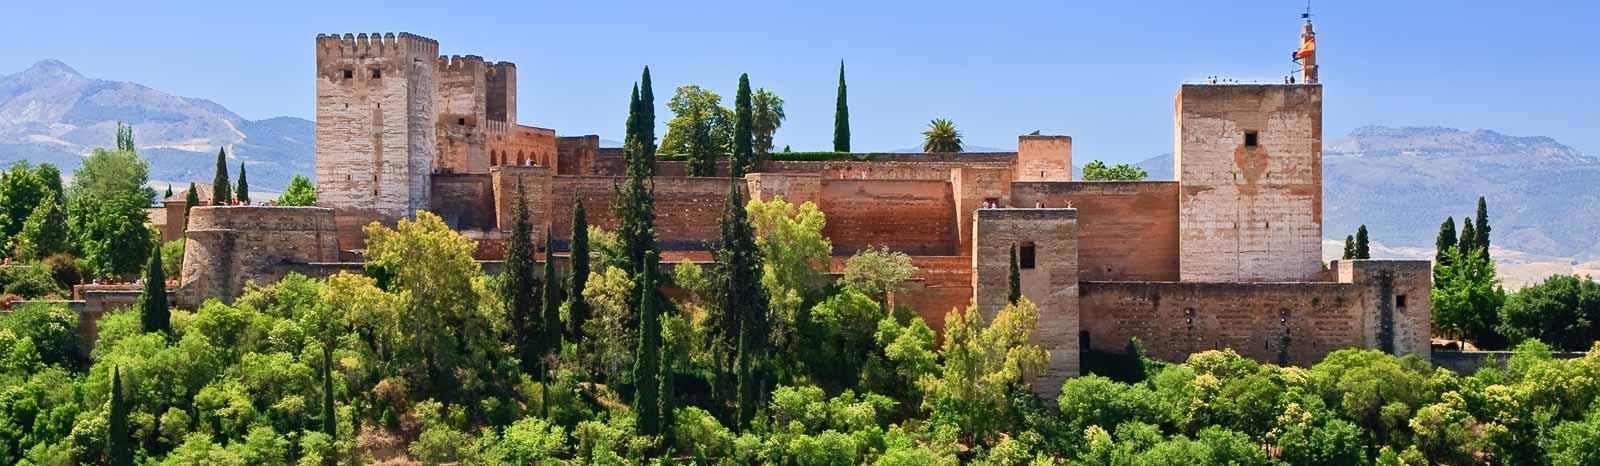 alhambra5.jpg